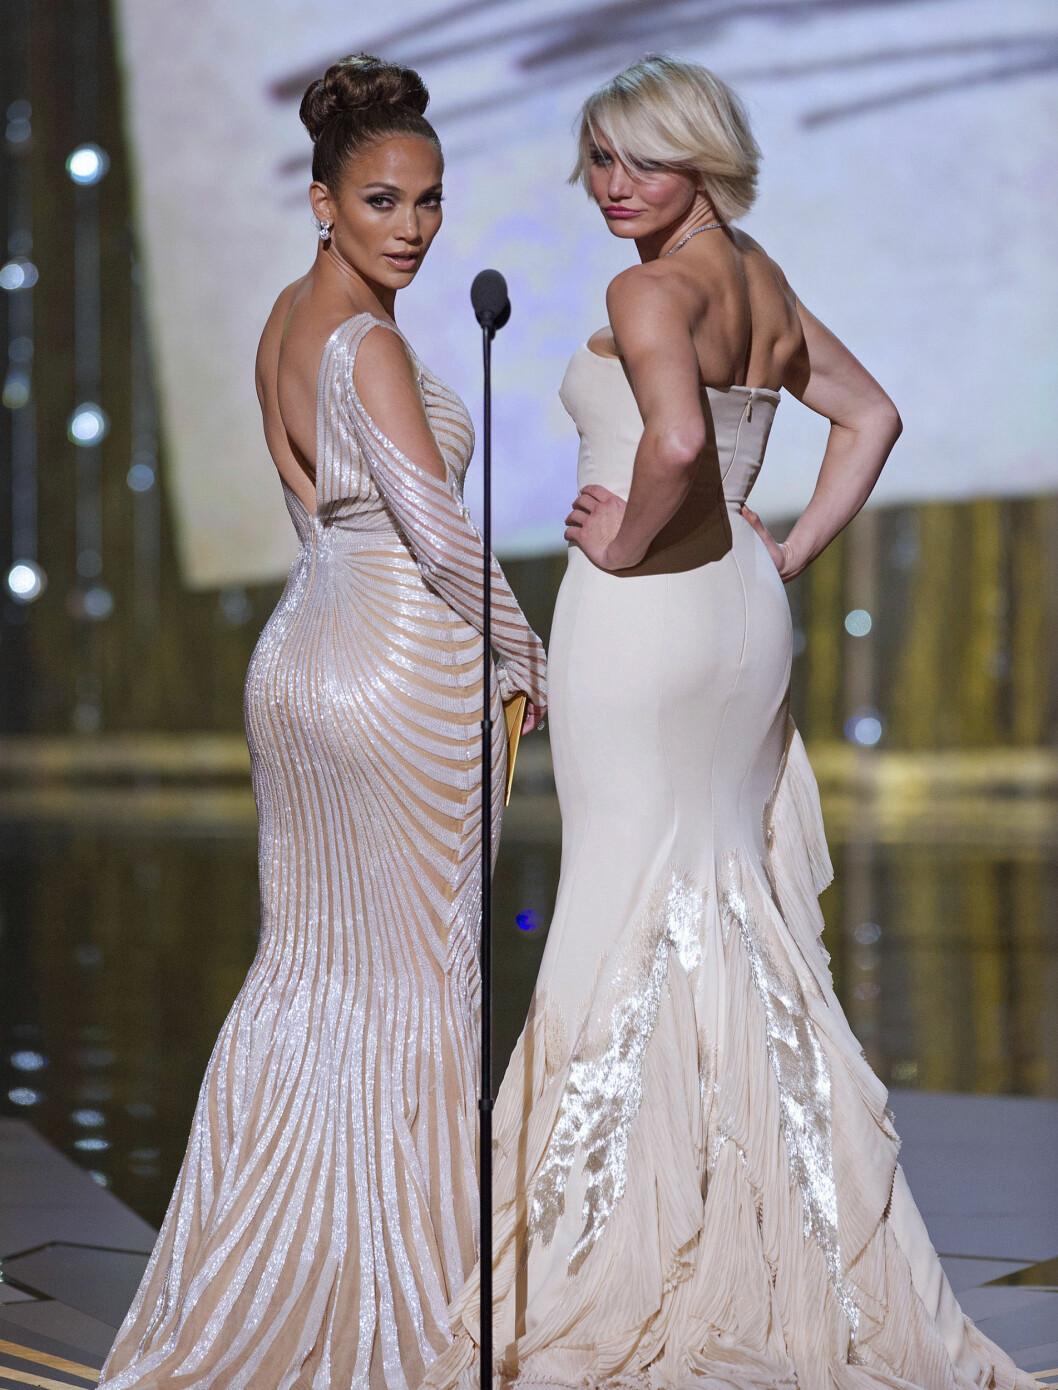 SNUR GJERNE RYGGEN - TIL PUBLIKUM: Her viser Jennifer Lopez og Cameron Diaz fram bakdelen til publikum under Oscar-utdelingen. Begge iført kremhvite kjoler.  Foto: Fame Flynet